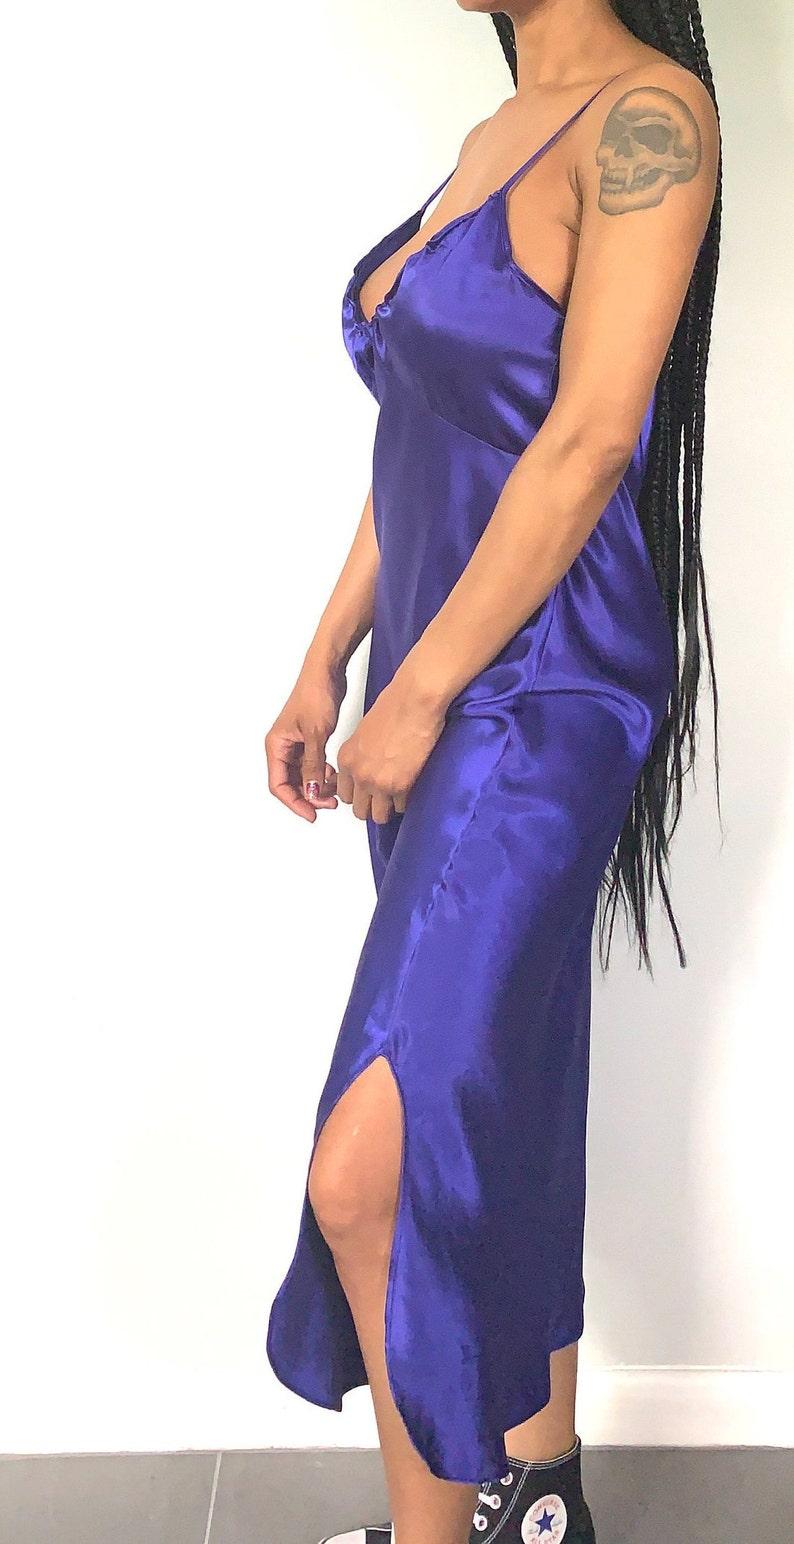 Vintage 80s Grape Soda Slip Dress